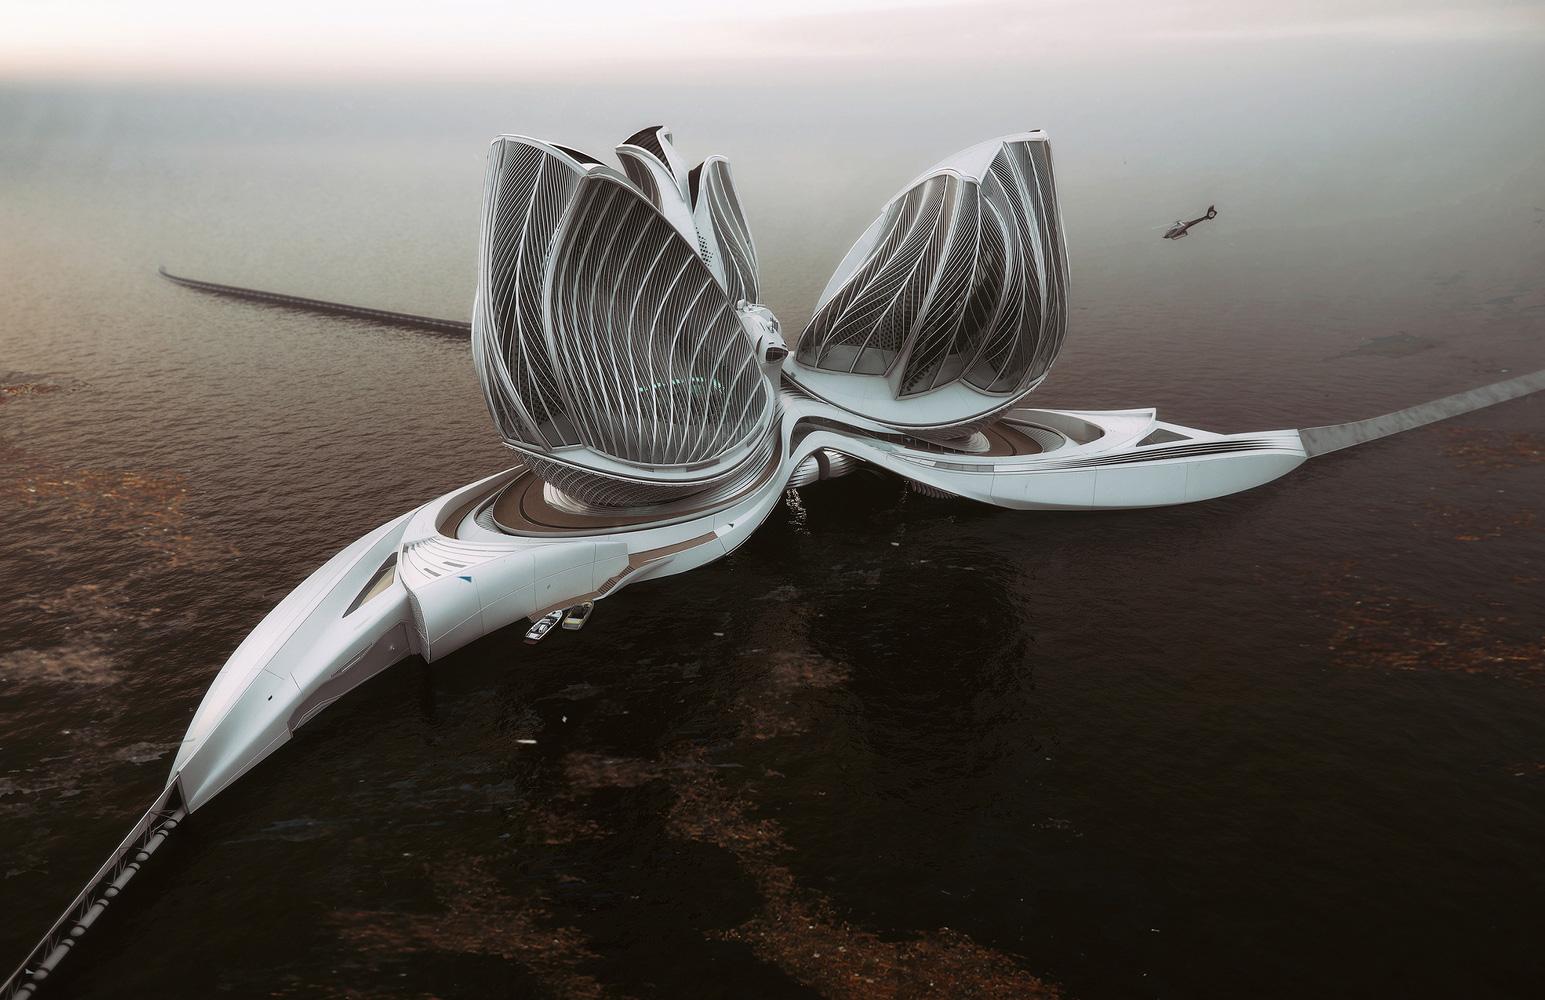 نگاهی بر پروژه برنده جایزه Grand Prix Award 2020